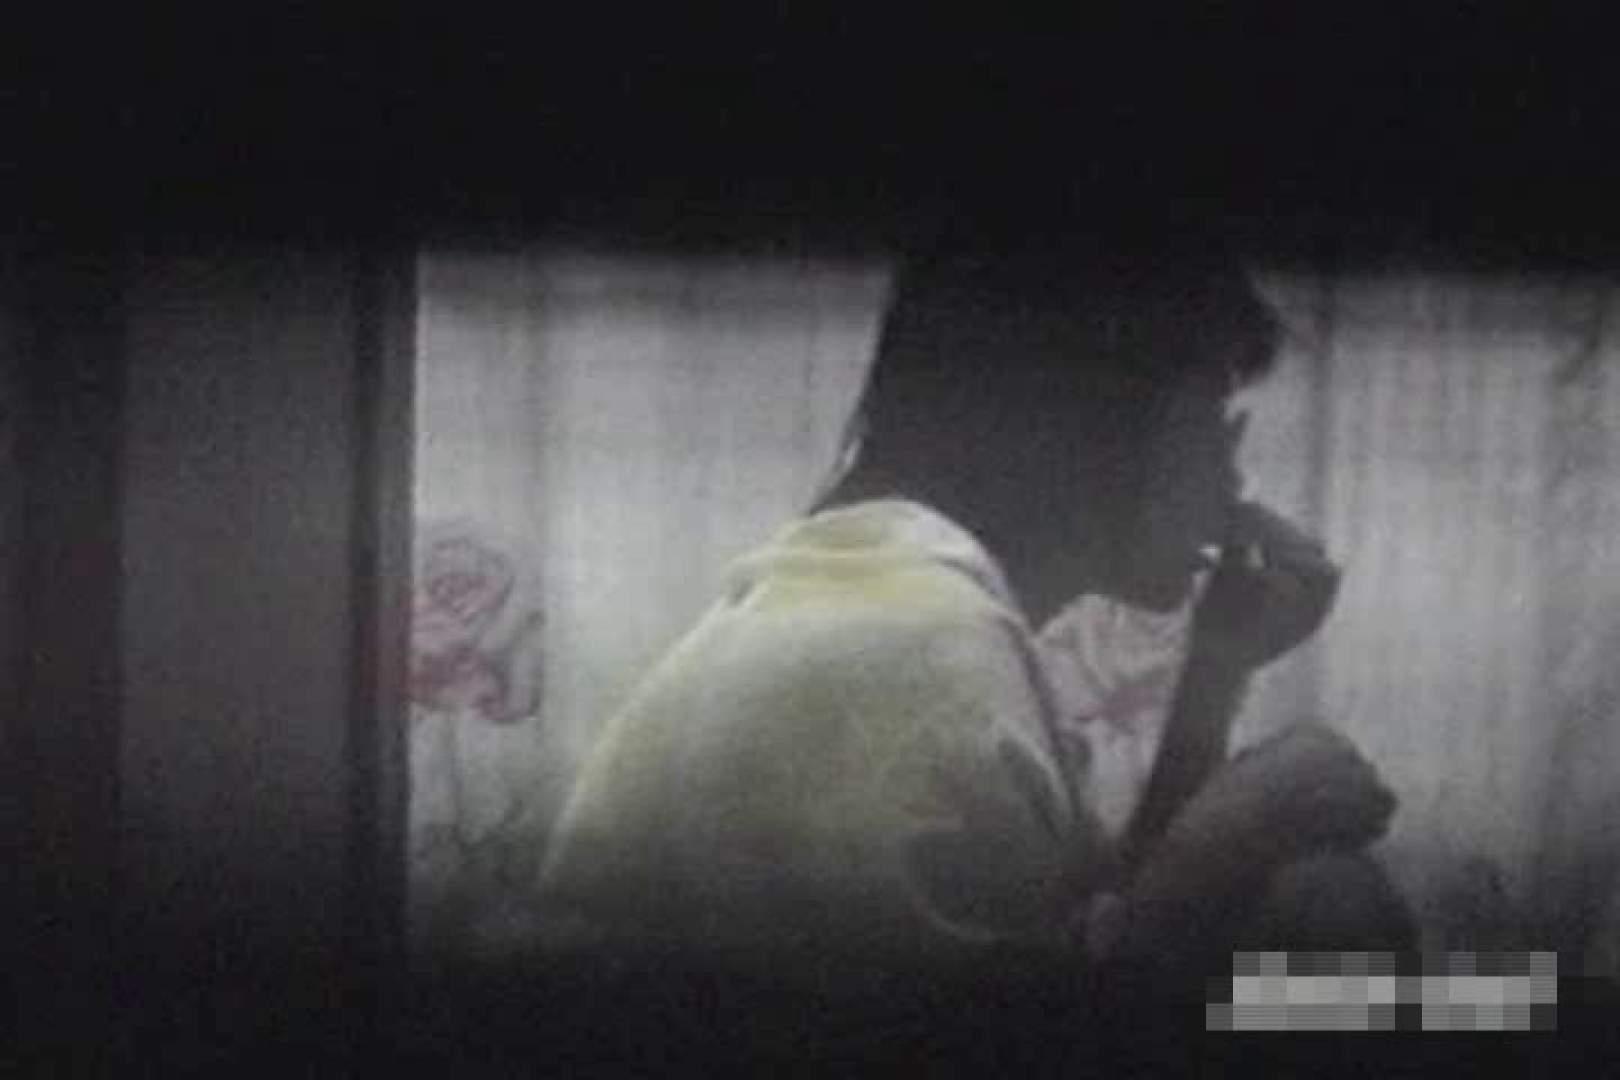 プライベートの極技!!Vol.1 HなOL アダルト動画キャプチャ 110pic 74